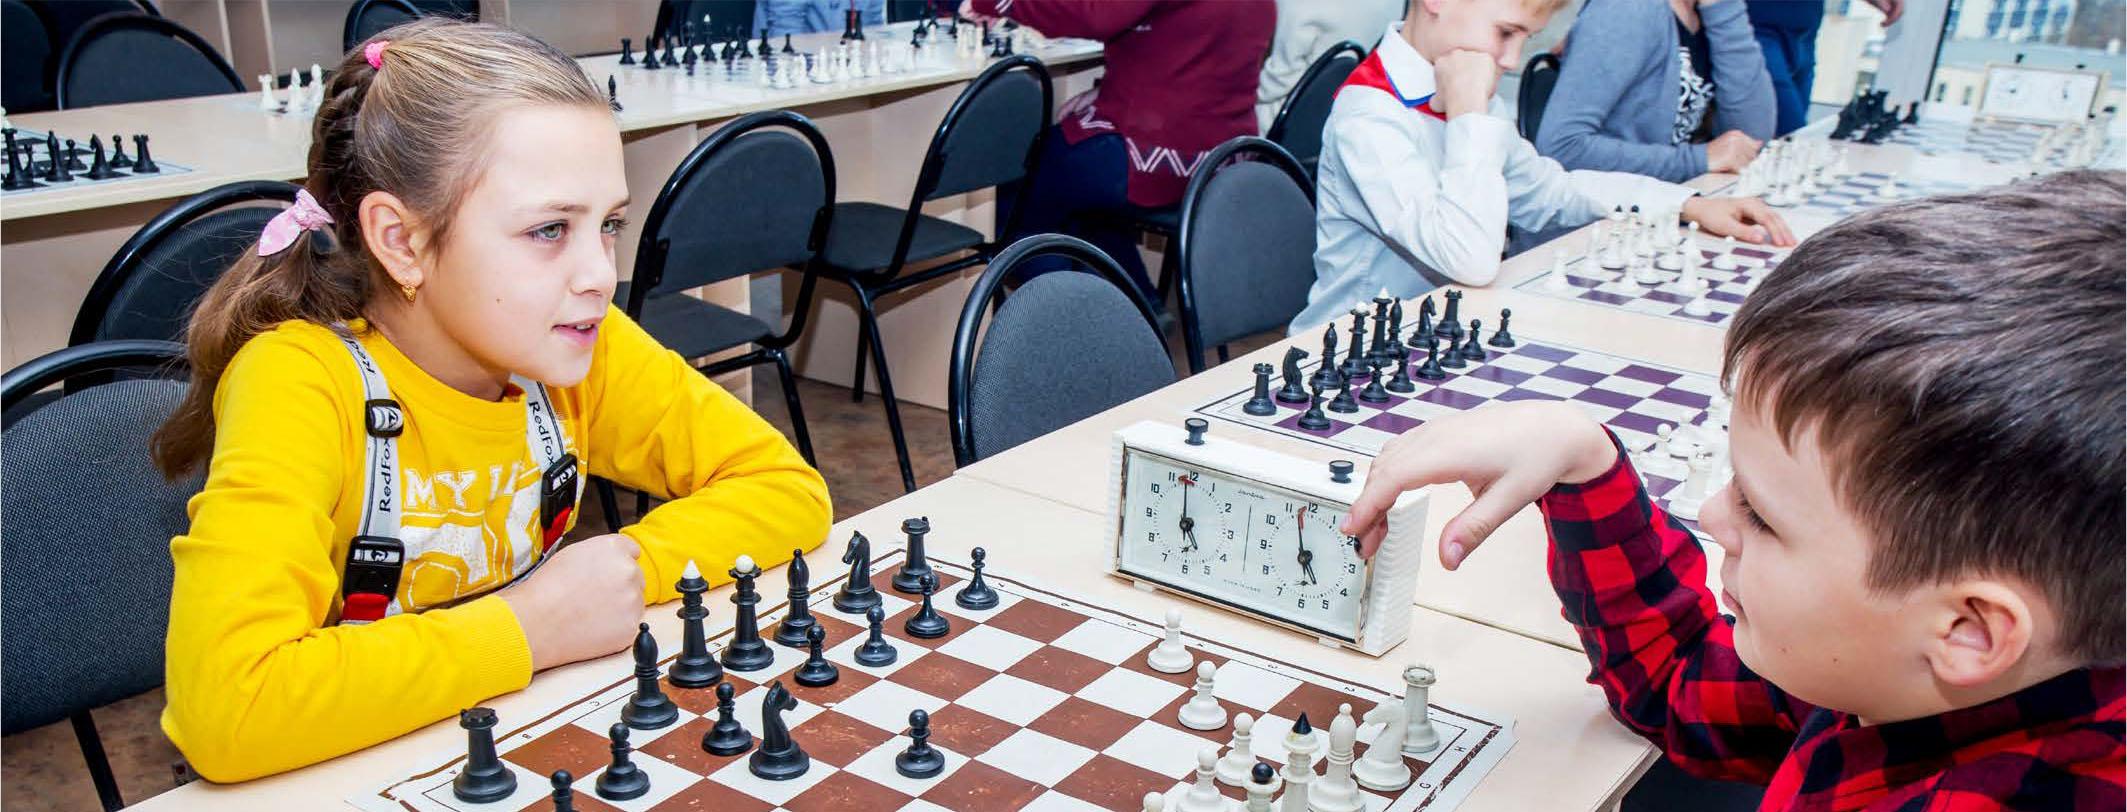 Шахматы - изображение